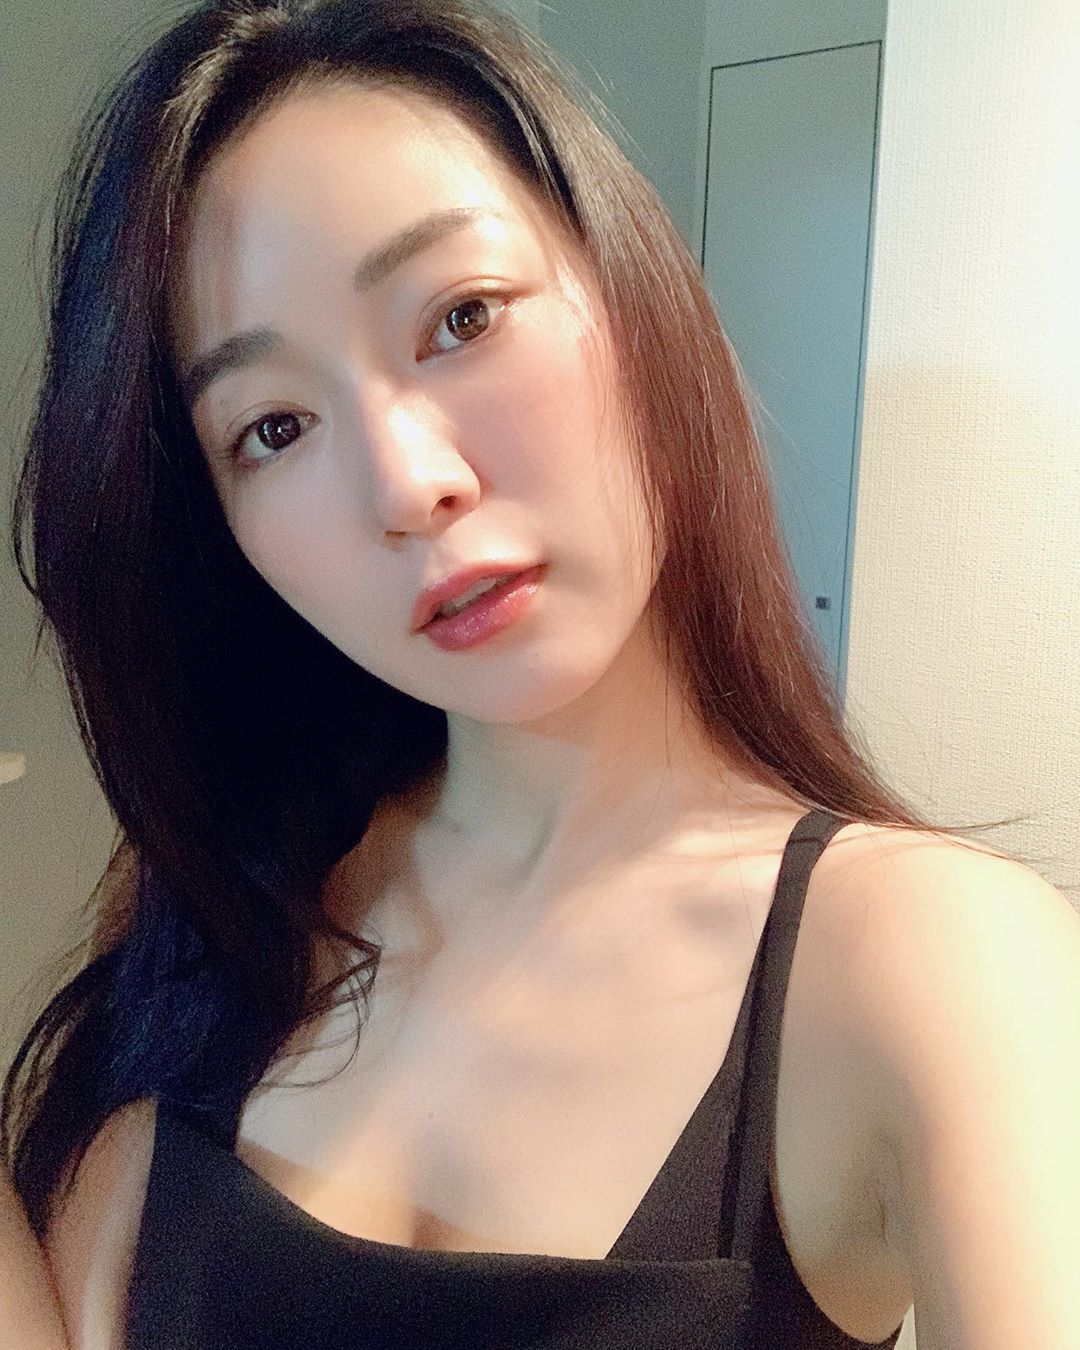 日本31岁女星阶户瑠李病逝,出演过《全裸导演》等作品 第2张